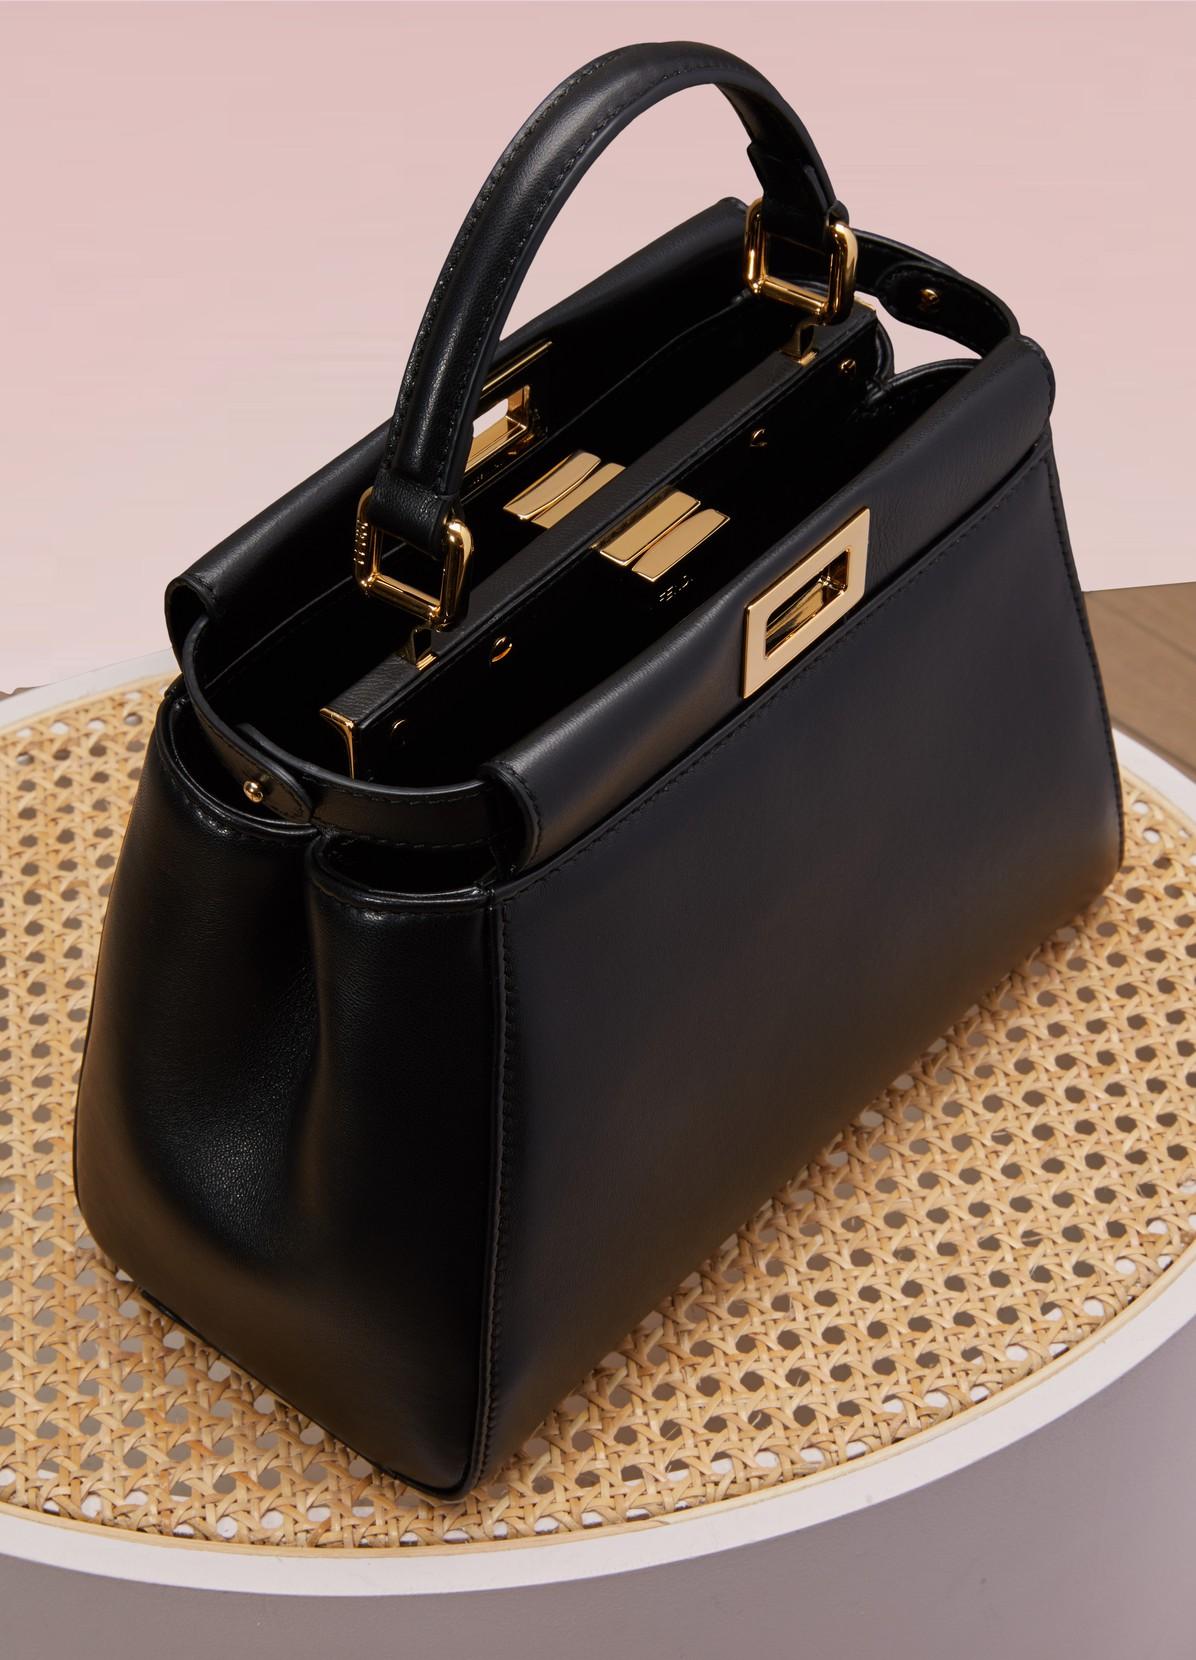 9d4ba77824e1 ... buy fendi mini peekaboo handbag 03732 52236